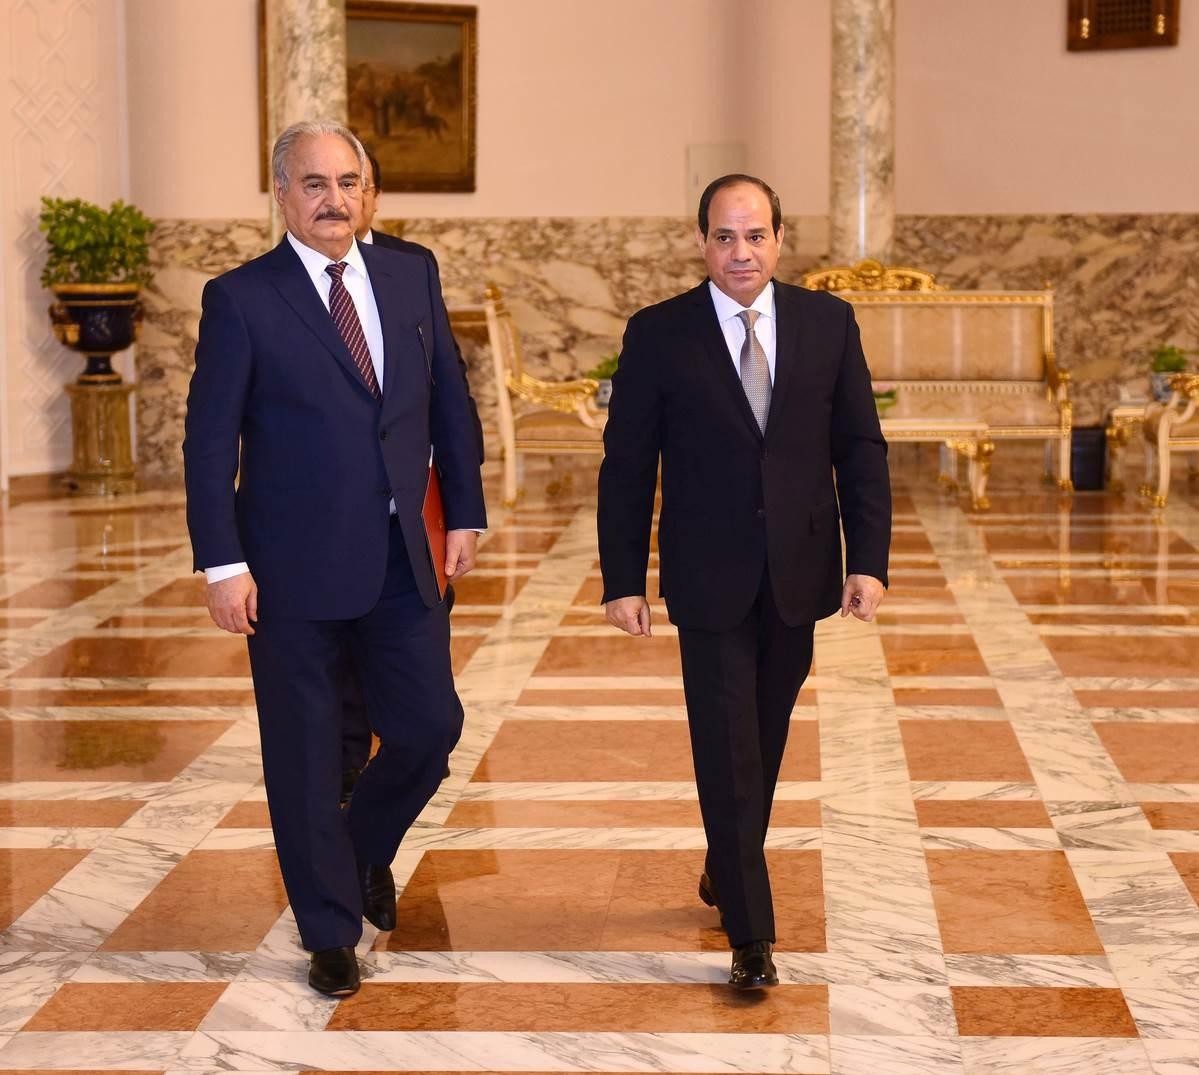 السيسي يعلن مبادرة لإنهاء أزمة ليبيا تتضمن وقف إطلاق النار خلال يومين